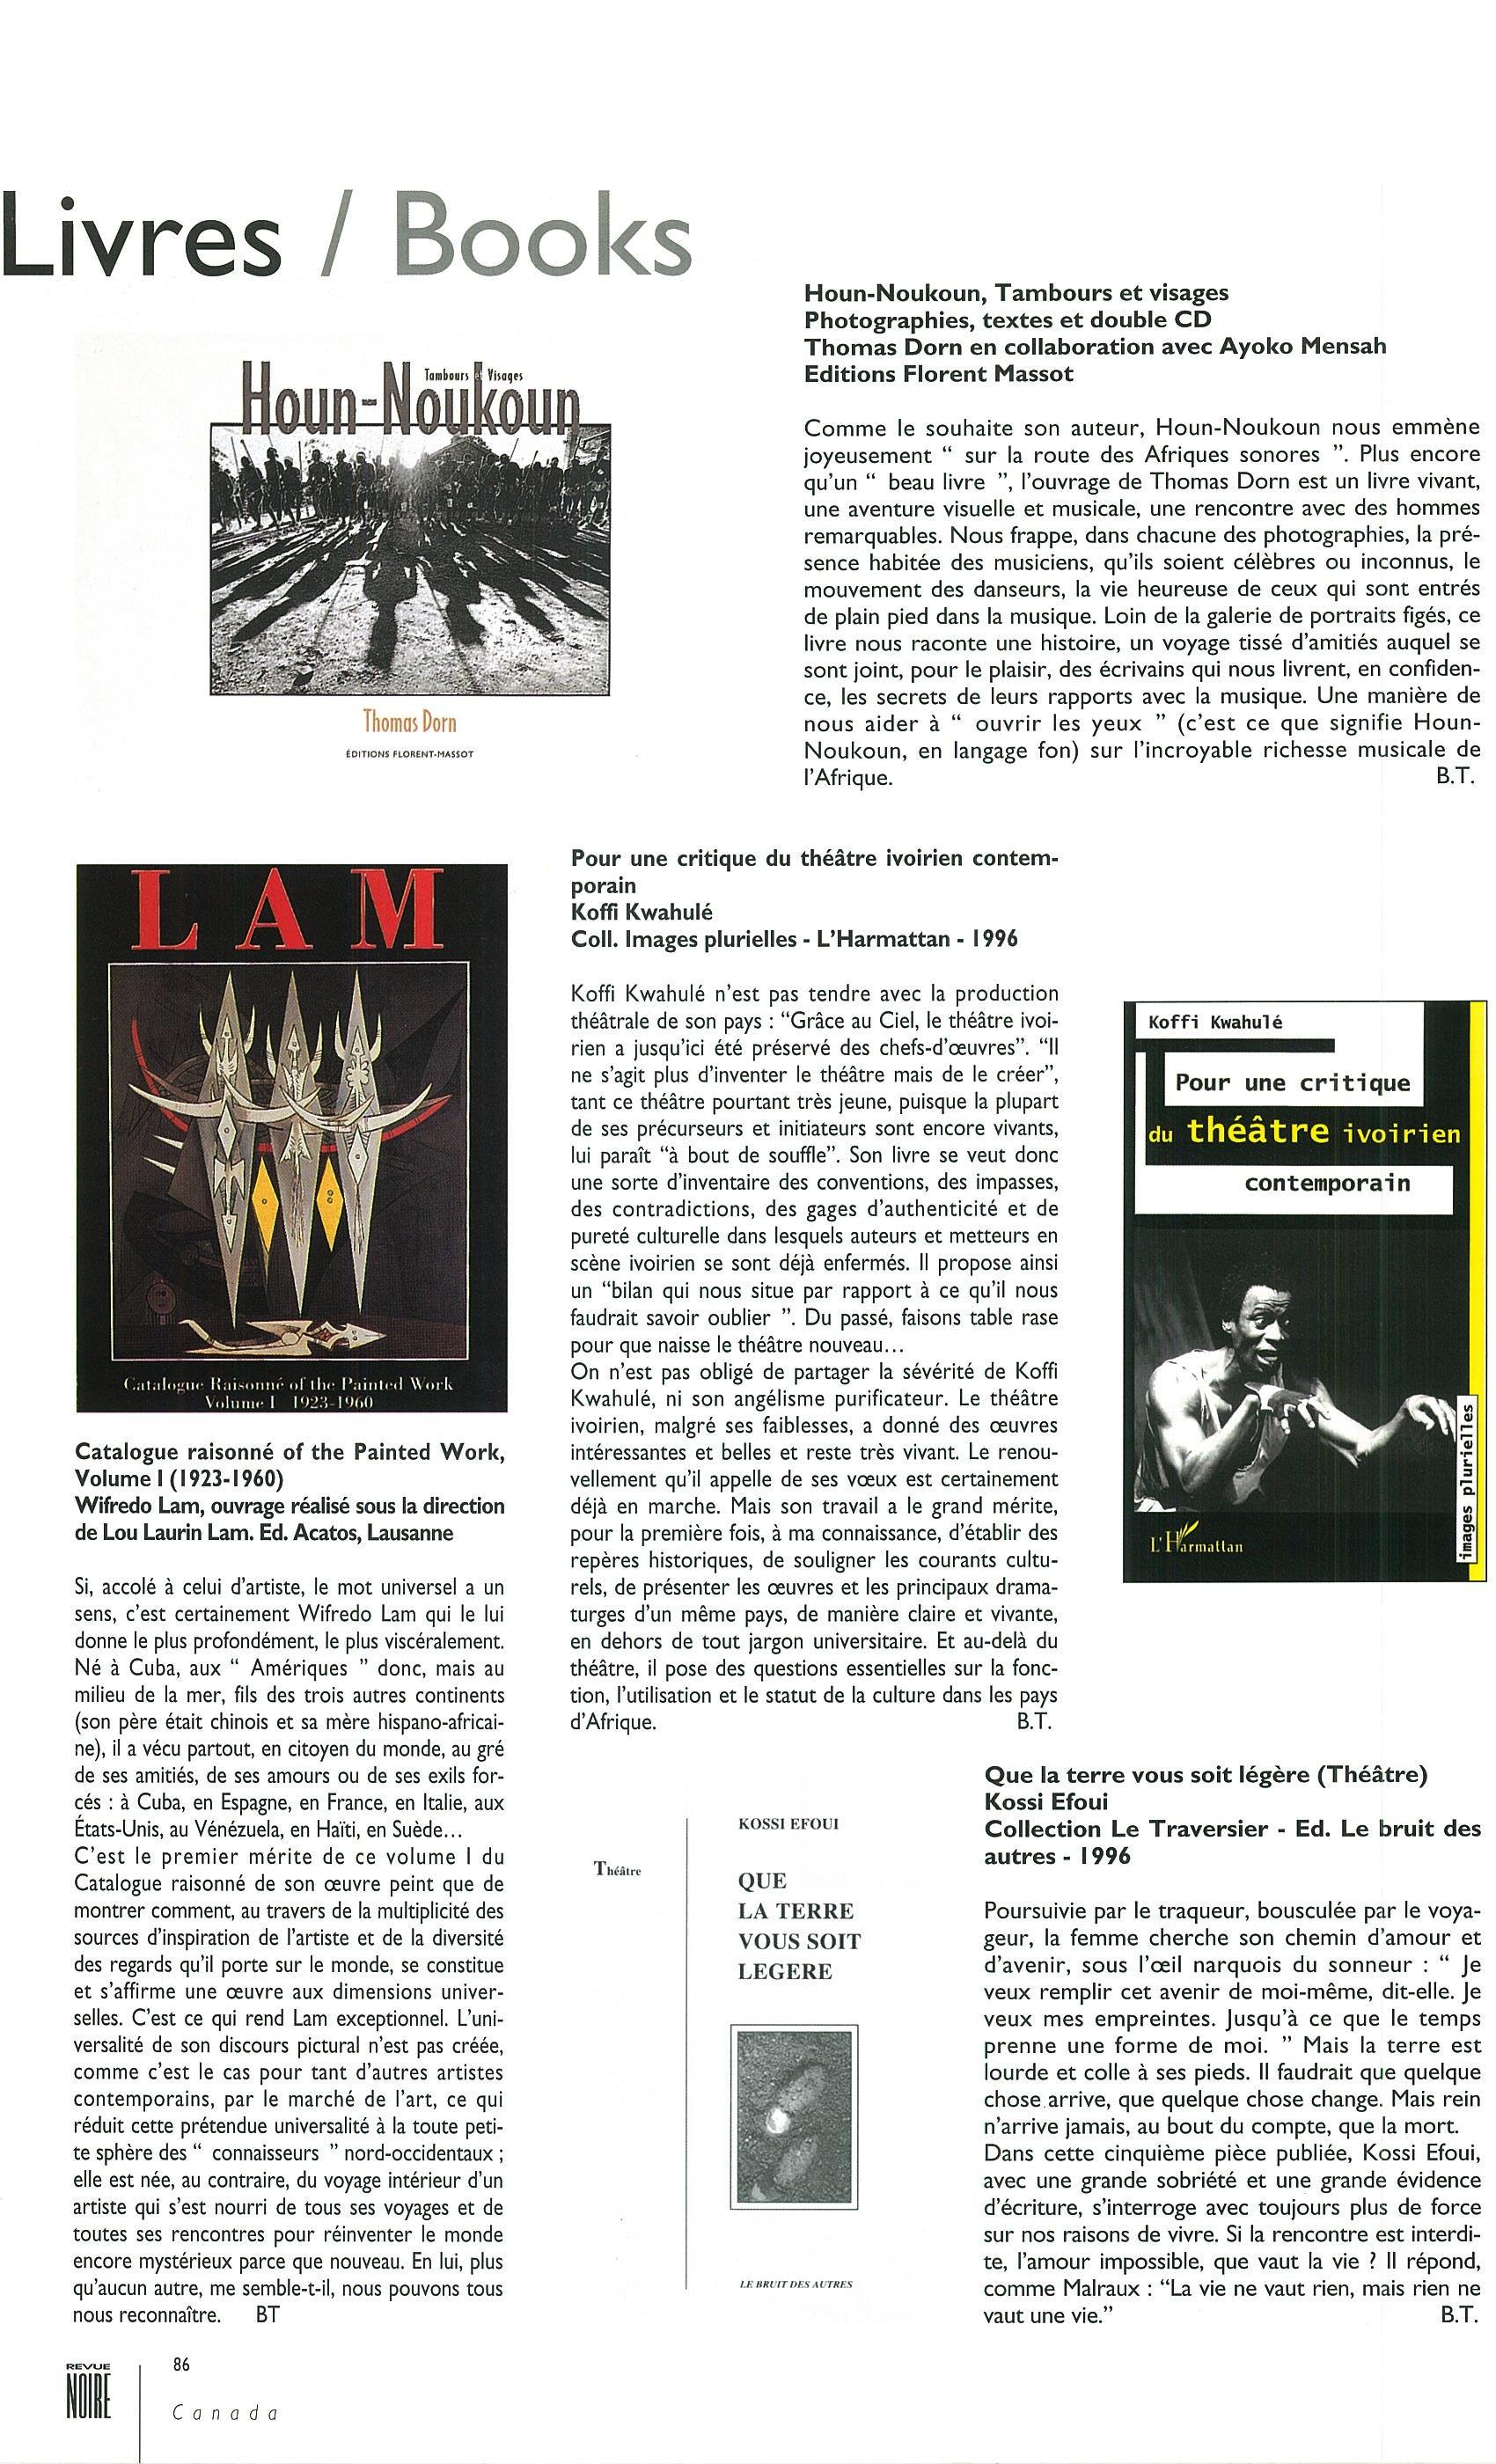 2. Revue Noire book_Page_088